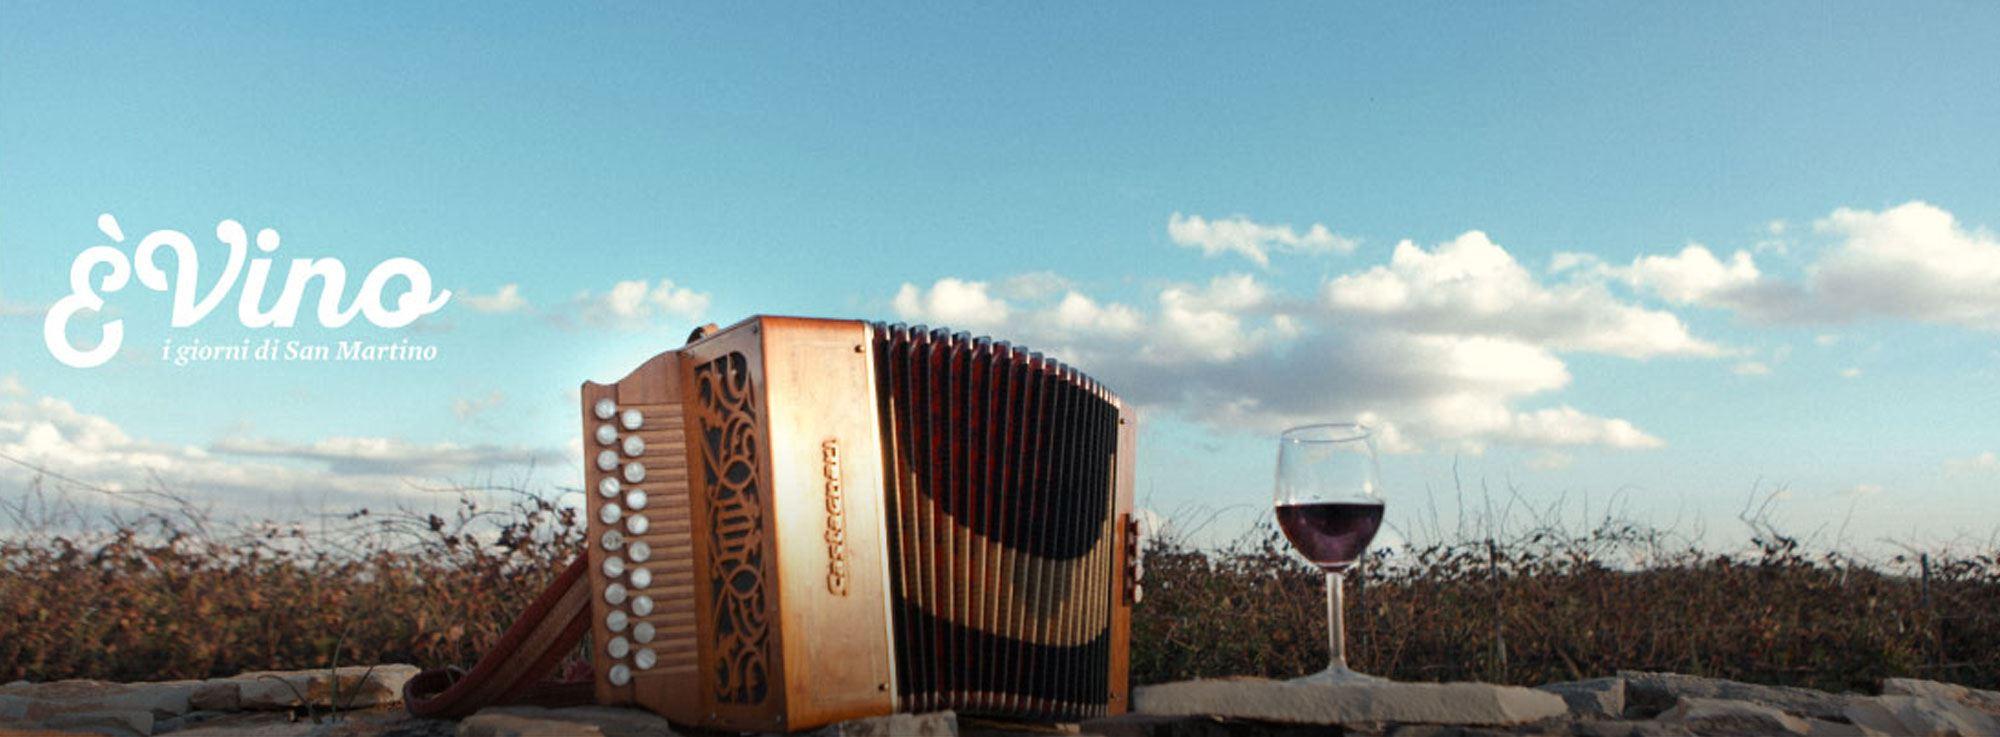 Andria: È Vino, I giorni di San Martino